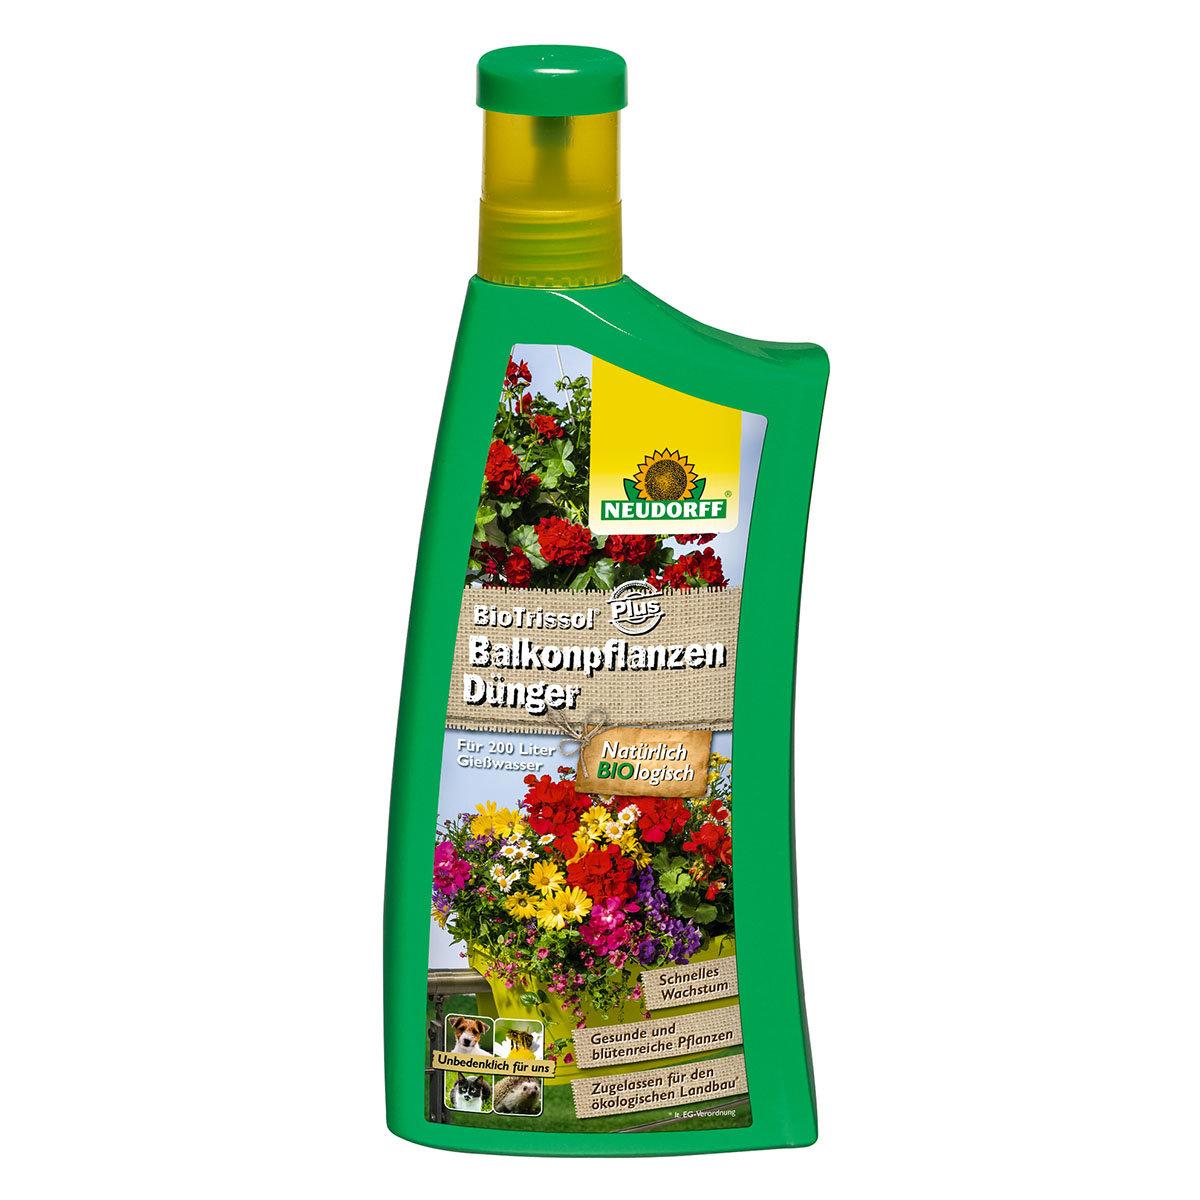 Balkonpflanzen-Dünger, 1 Liter